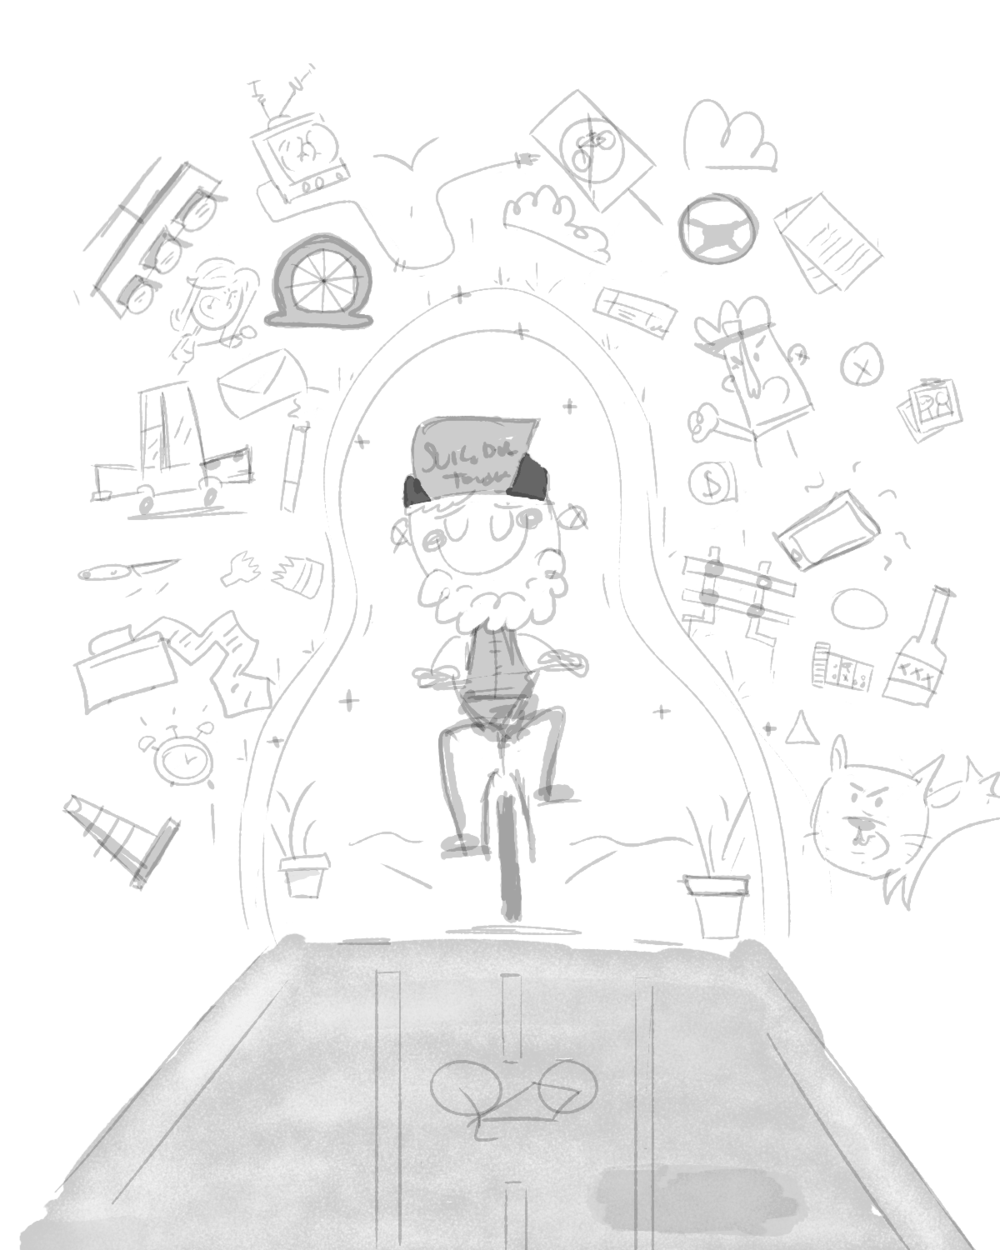 artcrank-poster-process-2.png